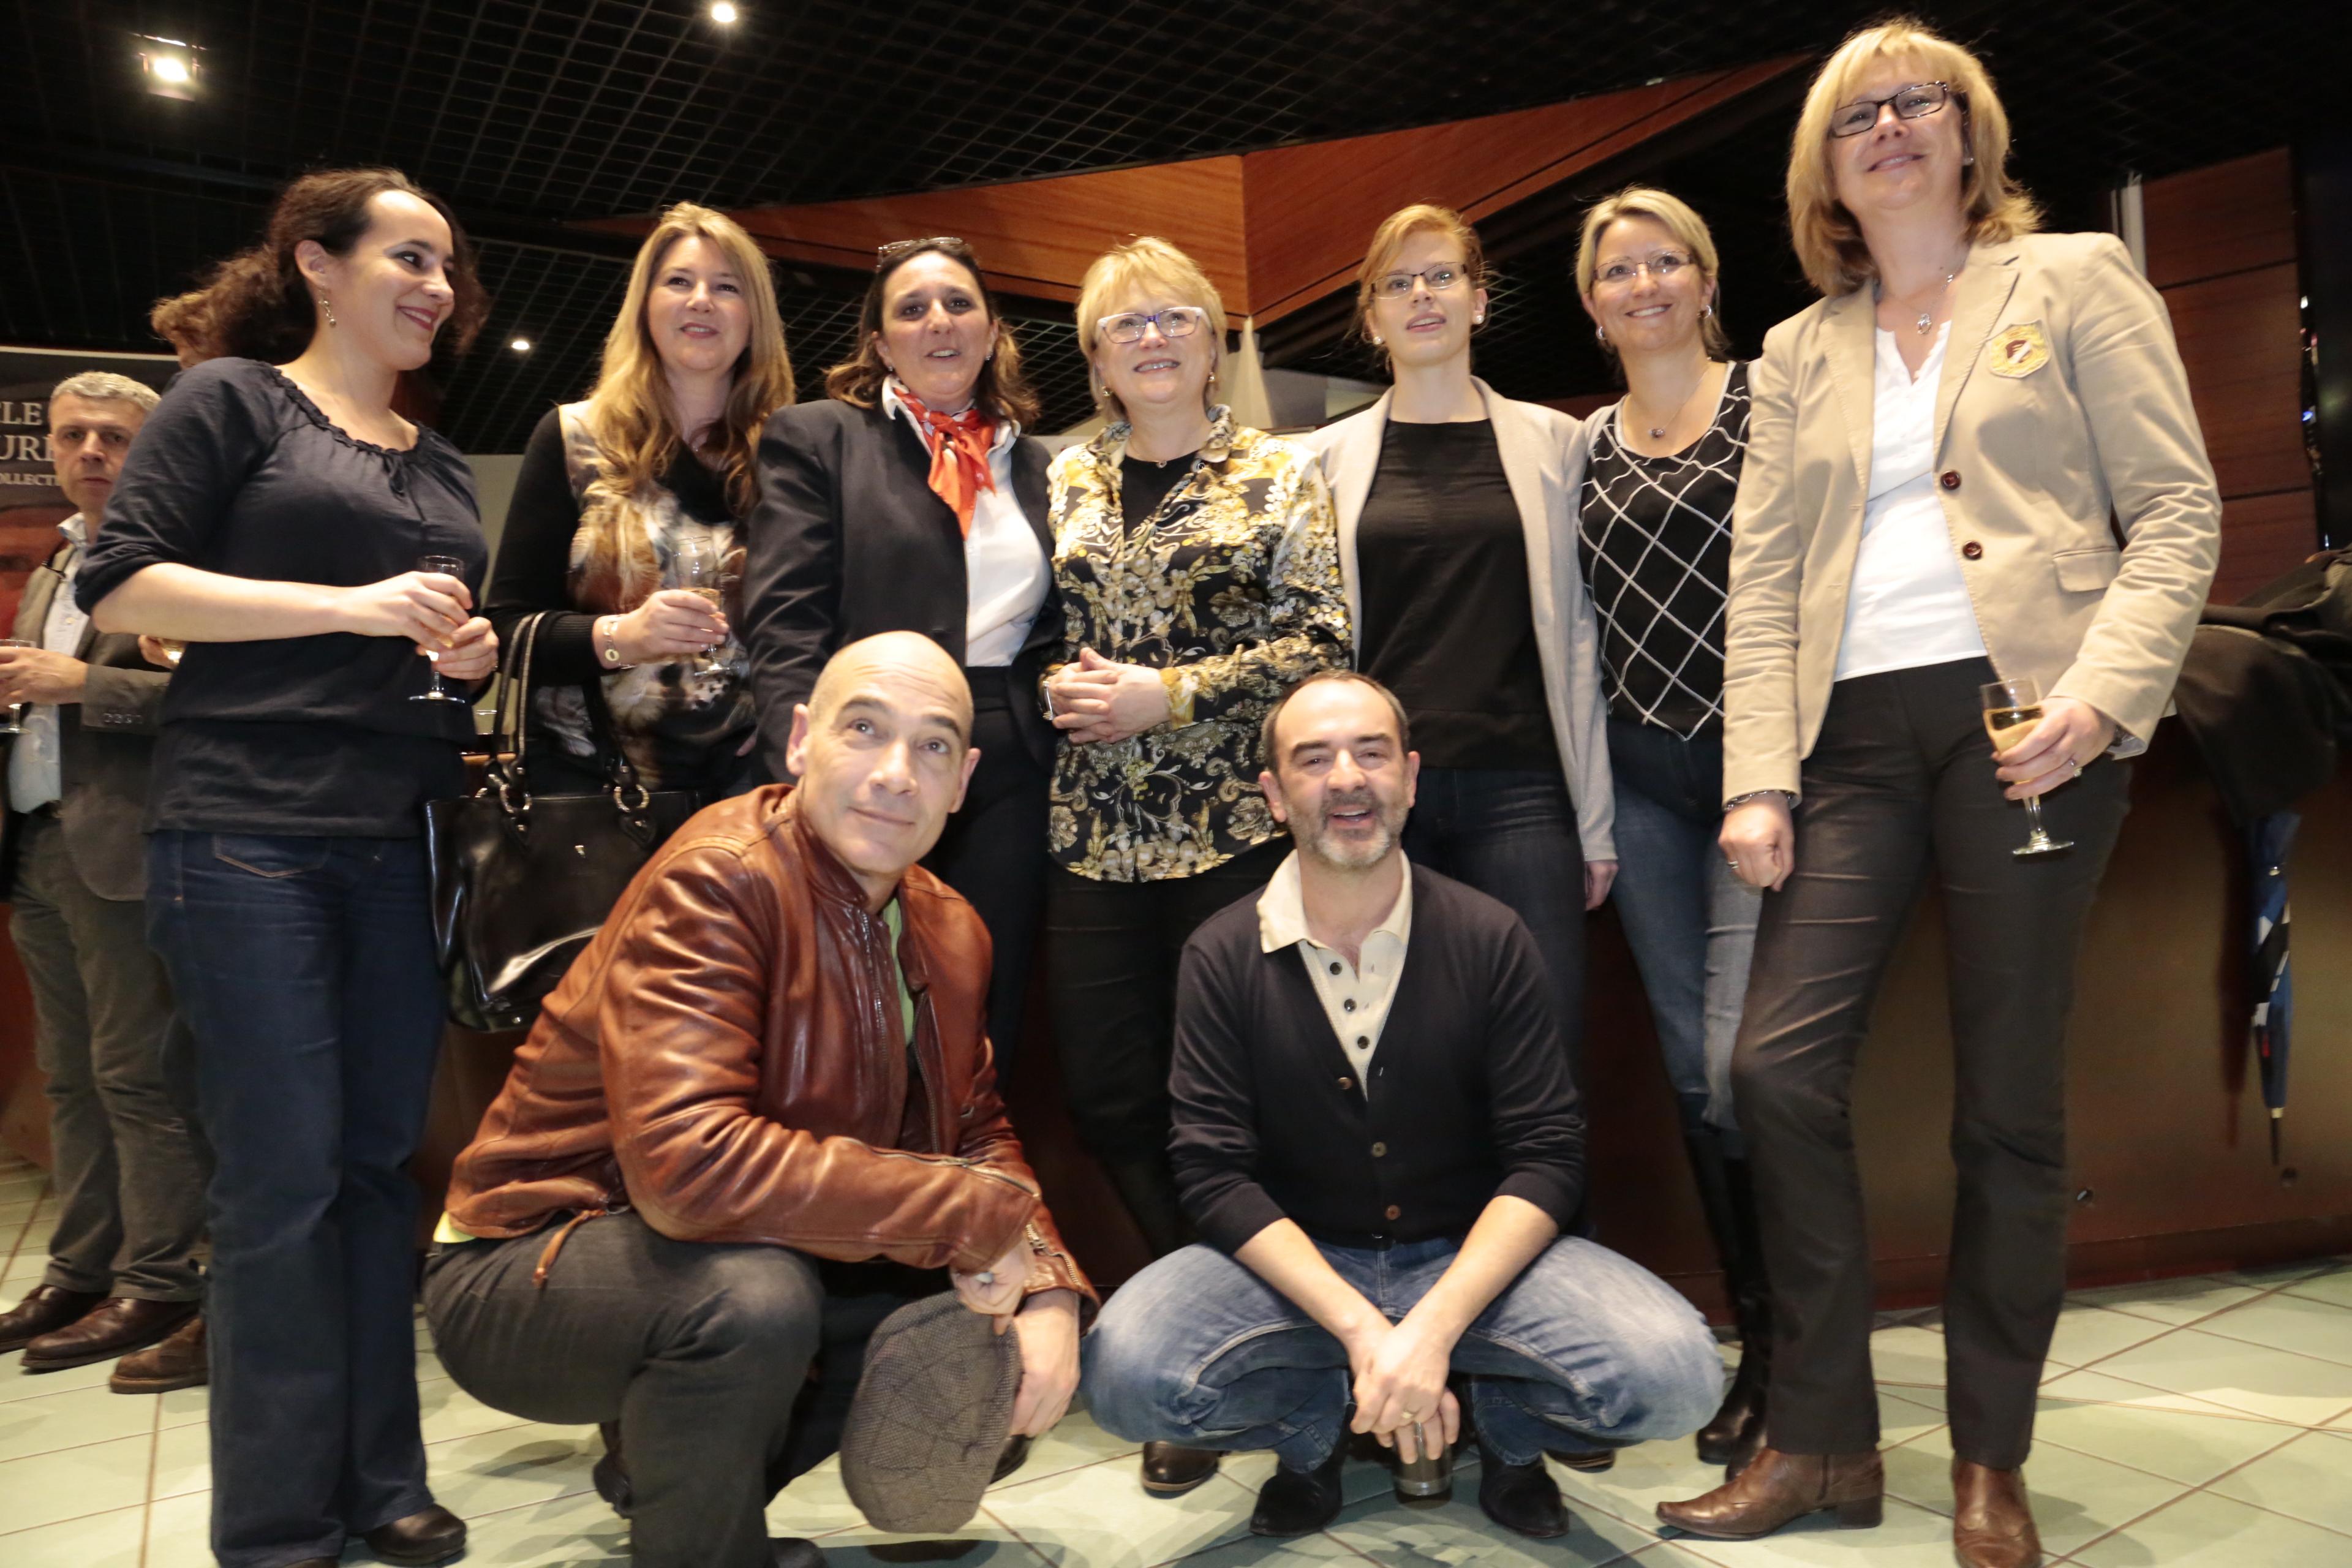 L'équipe de la série lors de la soirée de lancement de l'Appli Cinéma de l'Office de tourisme (Photo Erik Levilly)